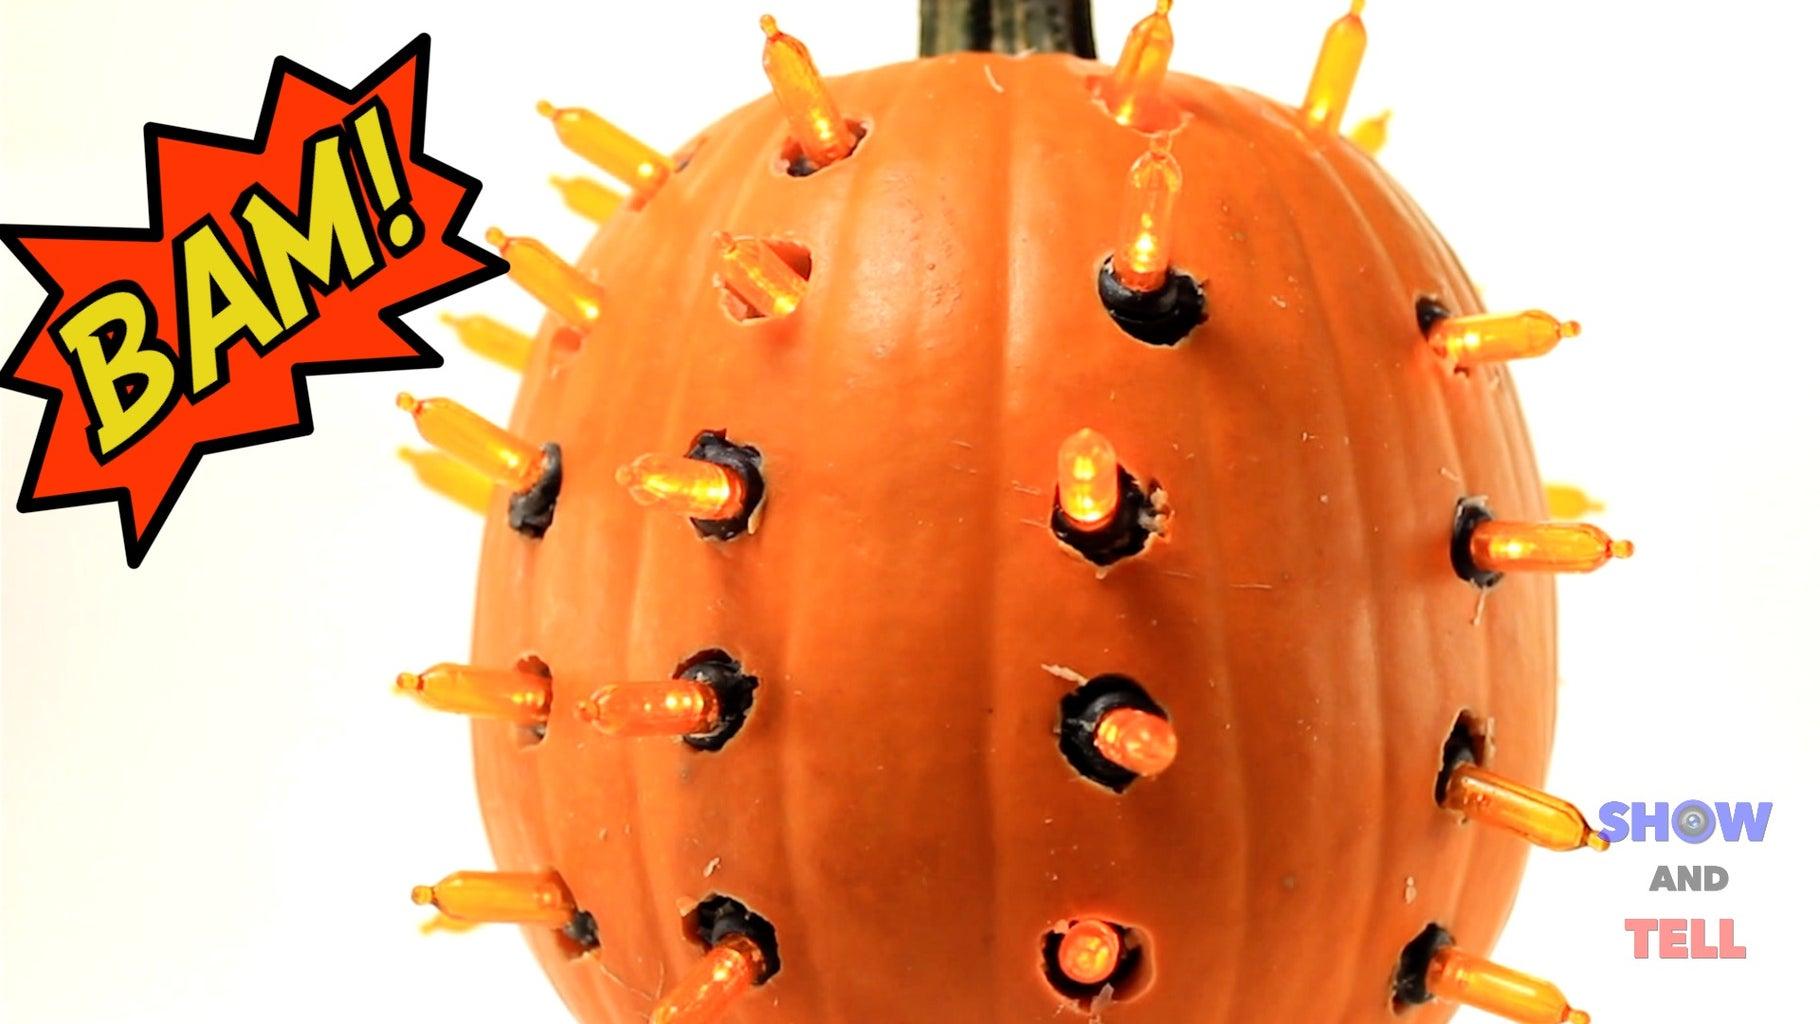 BAM! an LED Lit Pumpkin